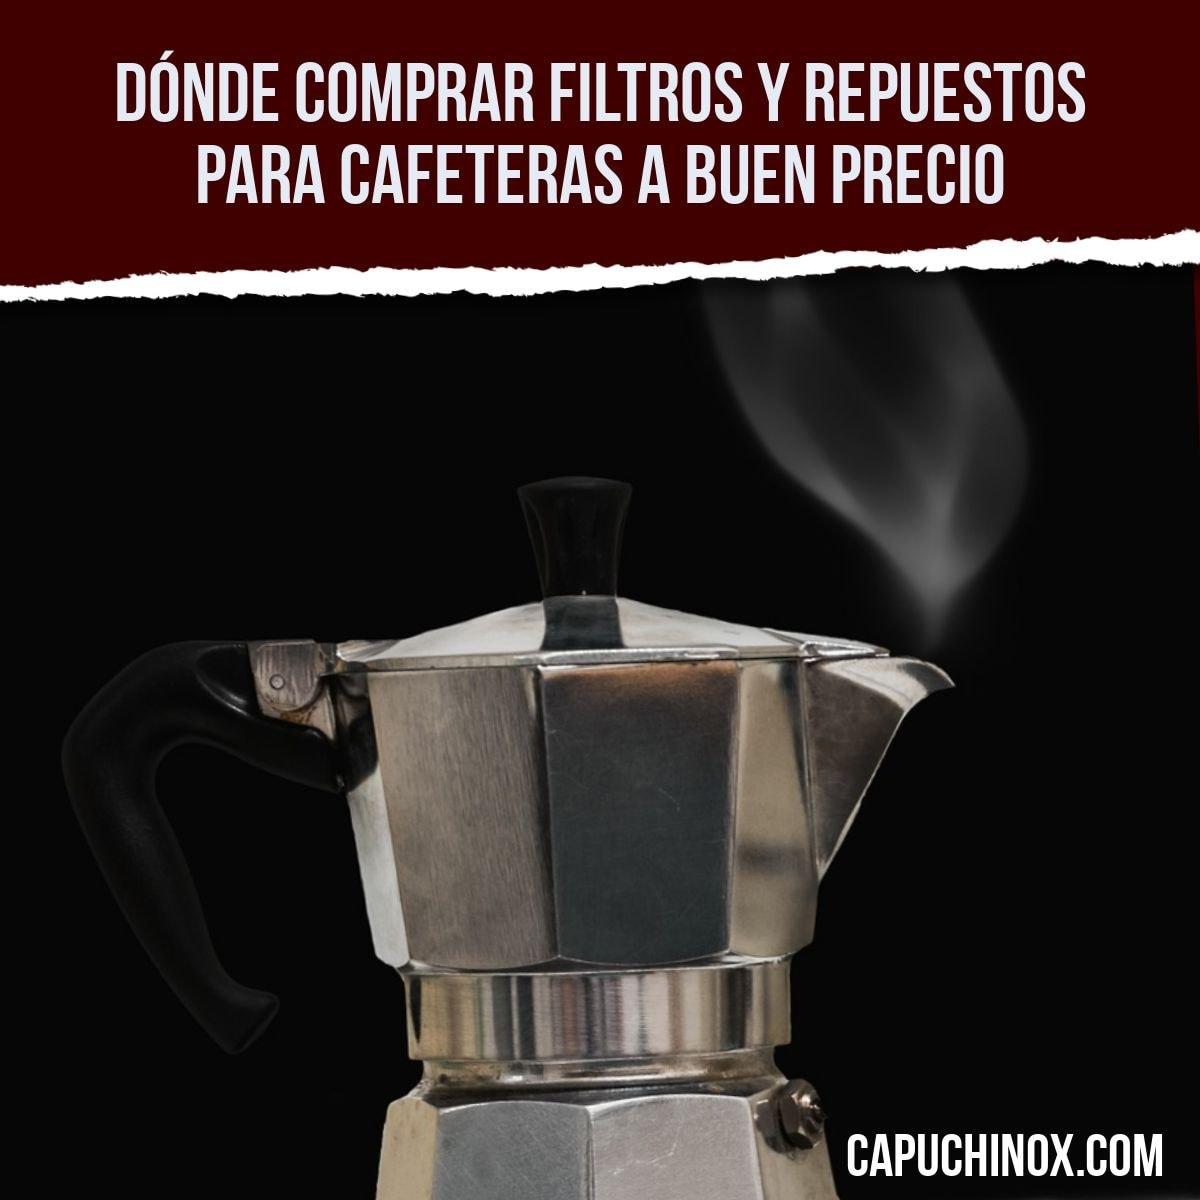 Dónde comprar filtros y repuestos para cafeteras a buen